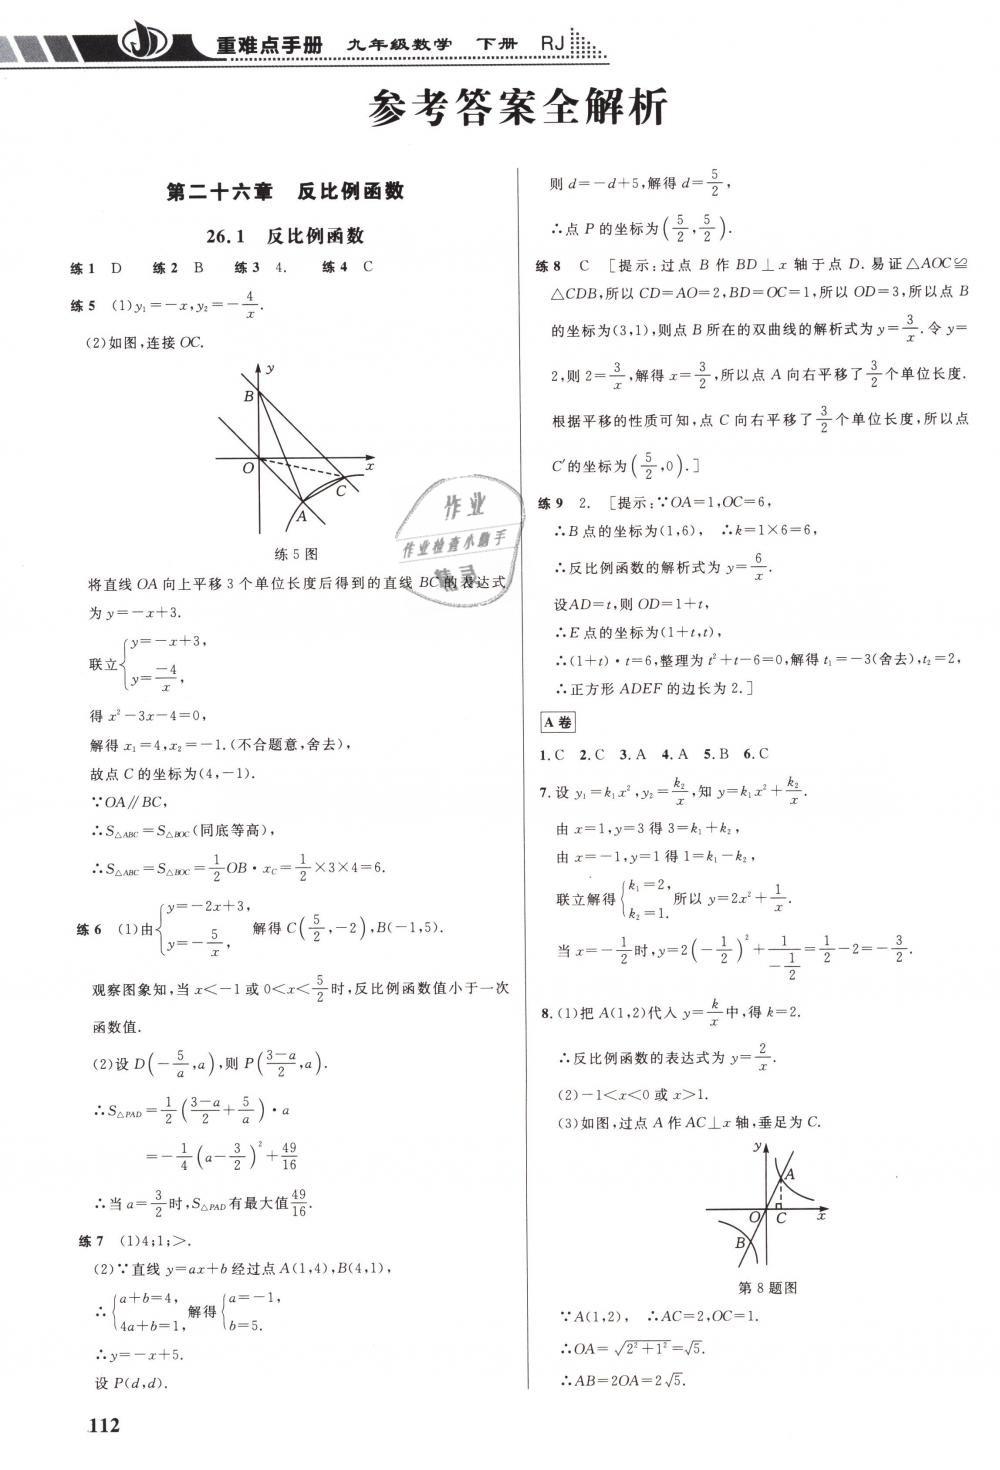 2019年重難點手冊九年級數學下冊人教版第1頁